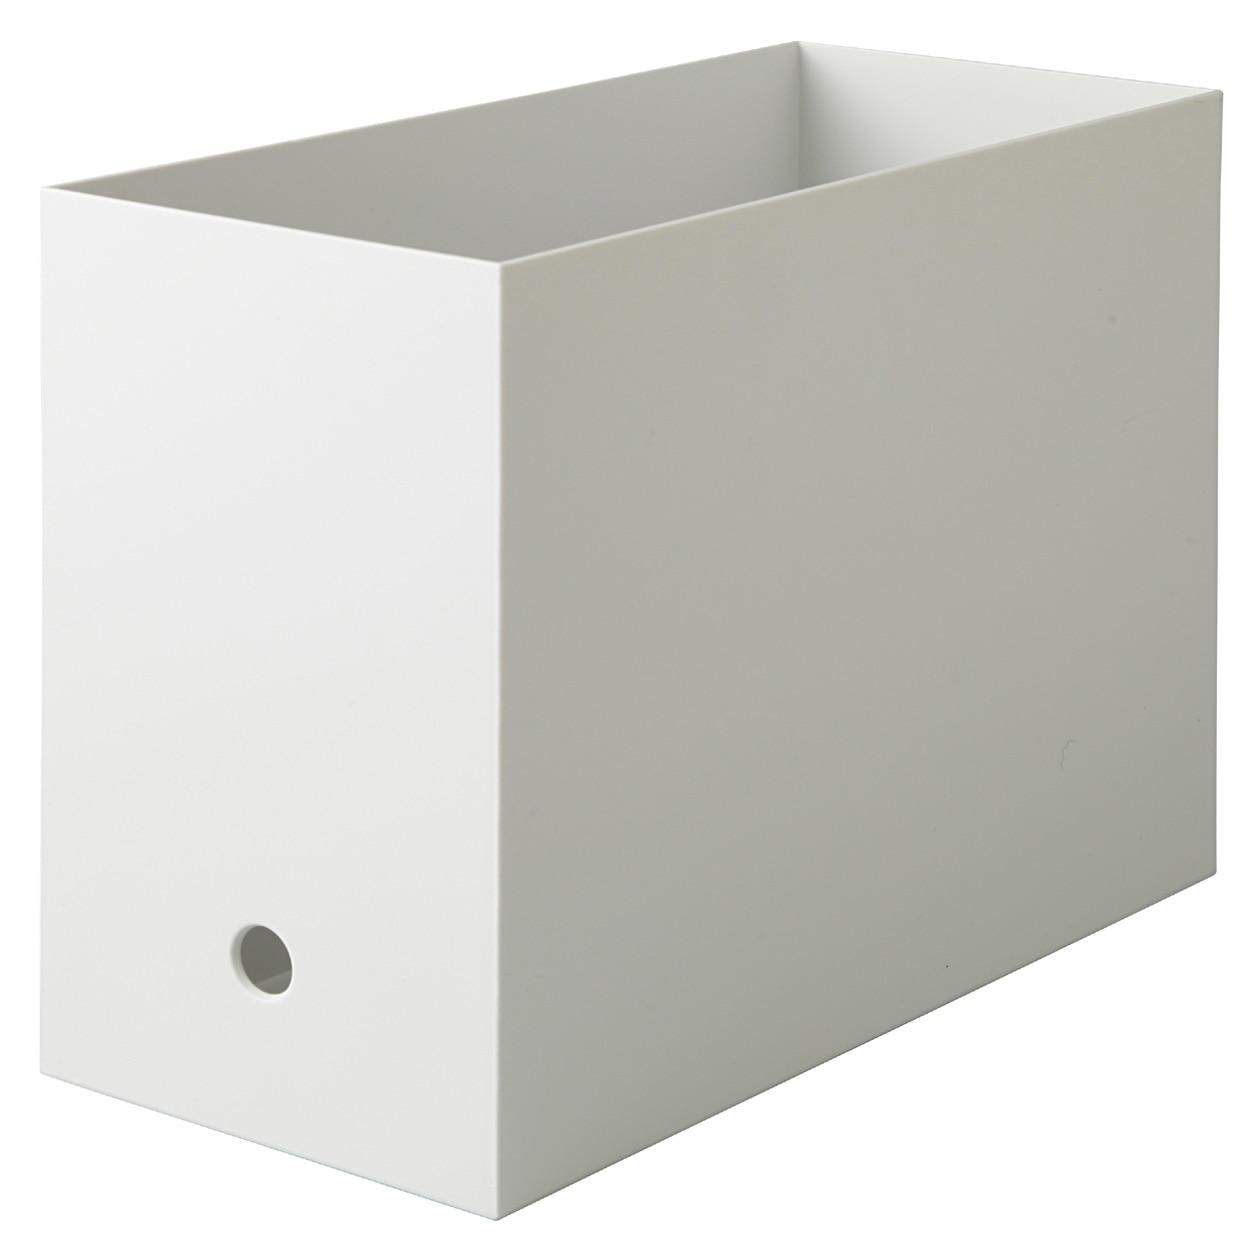 【まとめ買い】PPファイルボックス・スタンダード・ワイド・A4用ホワイトグレーの写真